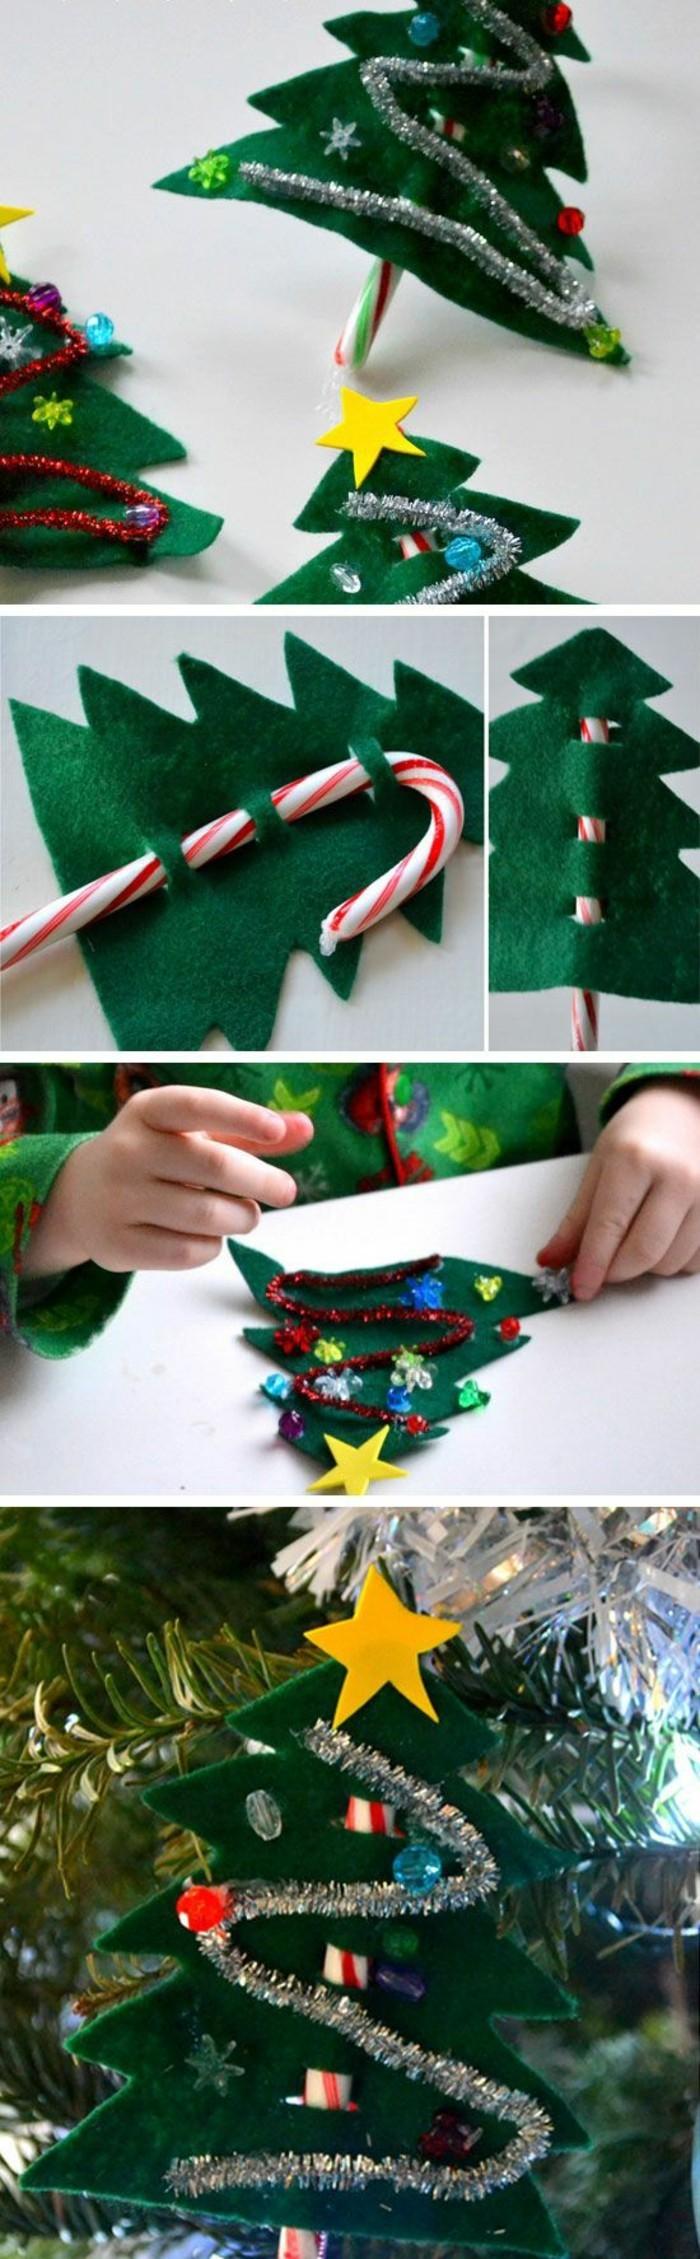 18-tannenbaum-aus-grunem-stoff-silberne-gilande-gelber-stern-weihnachtsbaum-schmucken